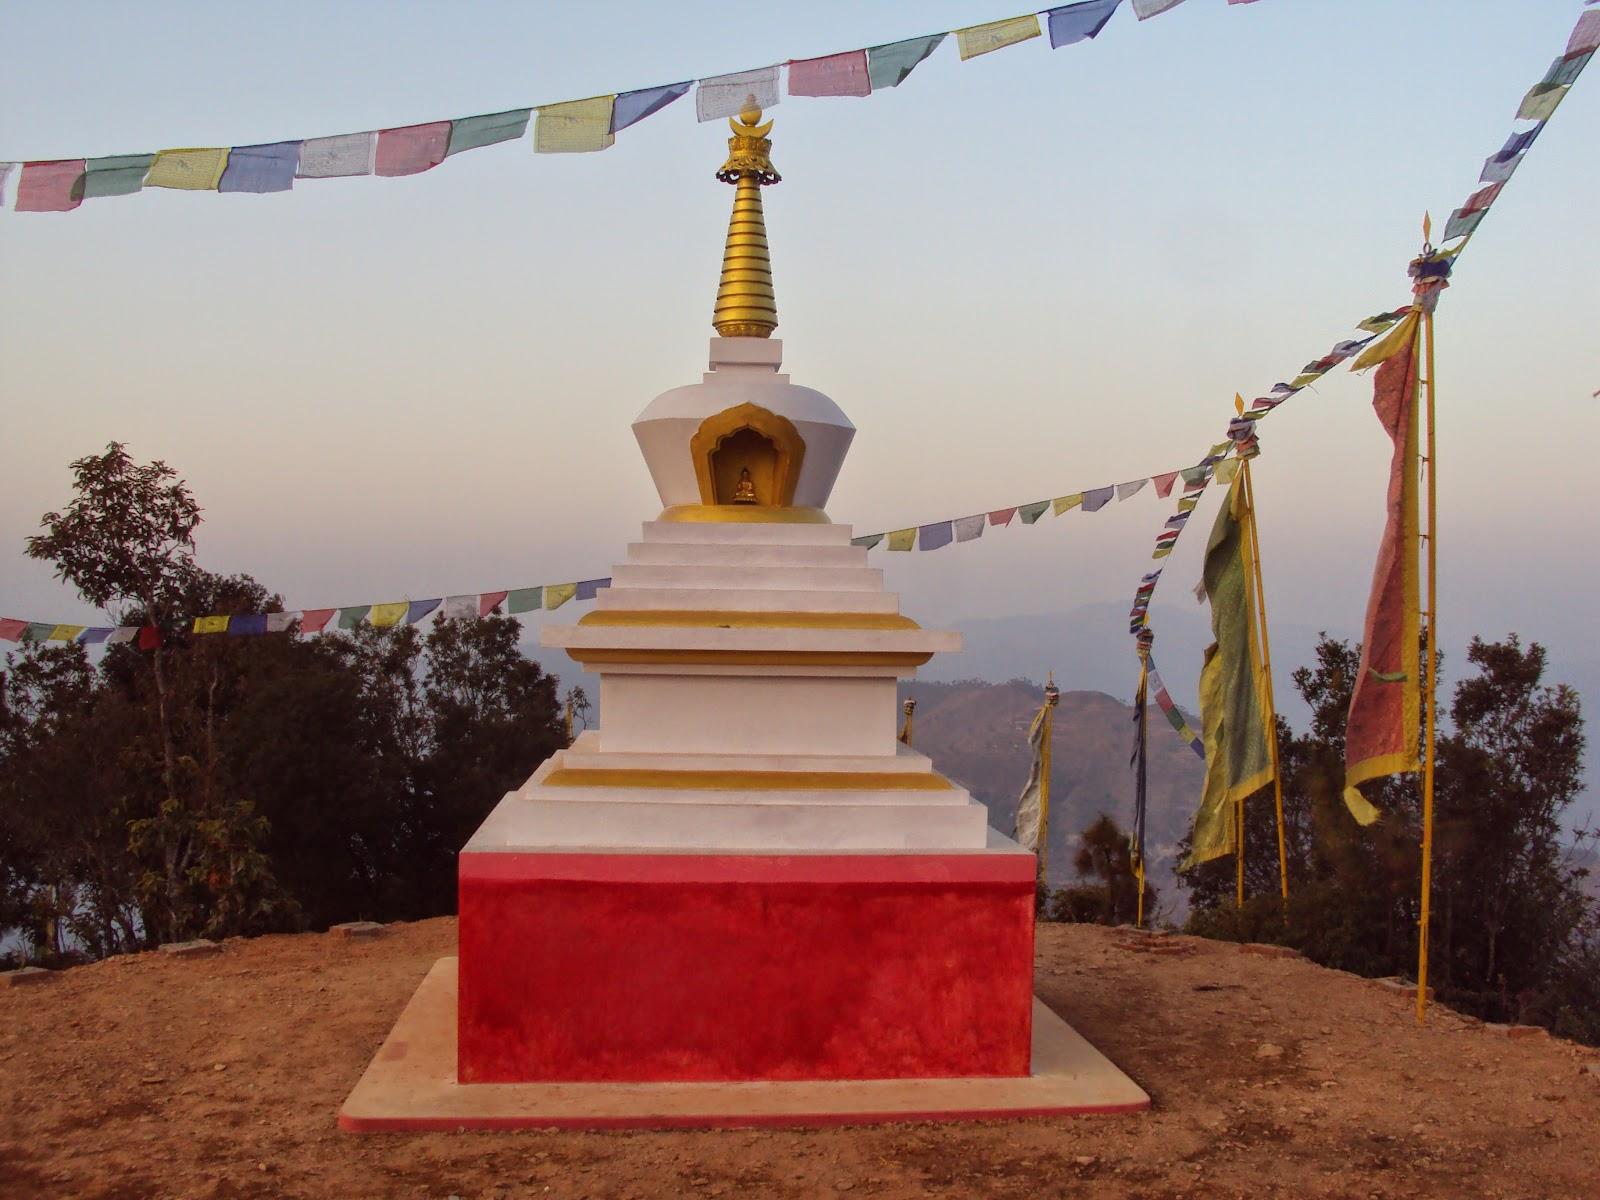 Stupa, Okhaldunga District, Nepal (built by Losang Namgyal Rinpoche)